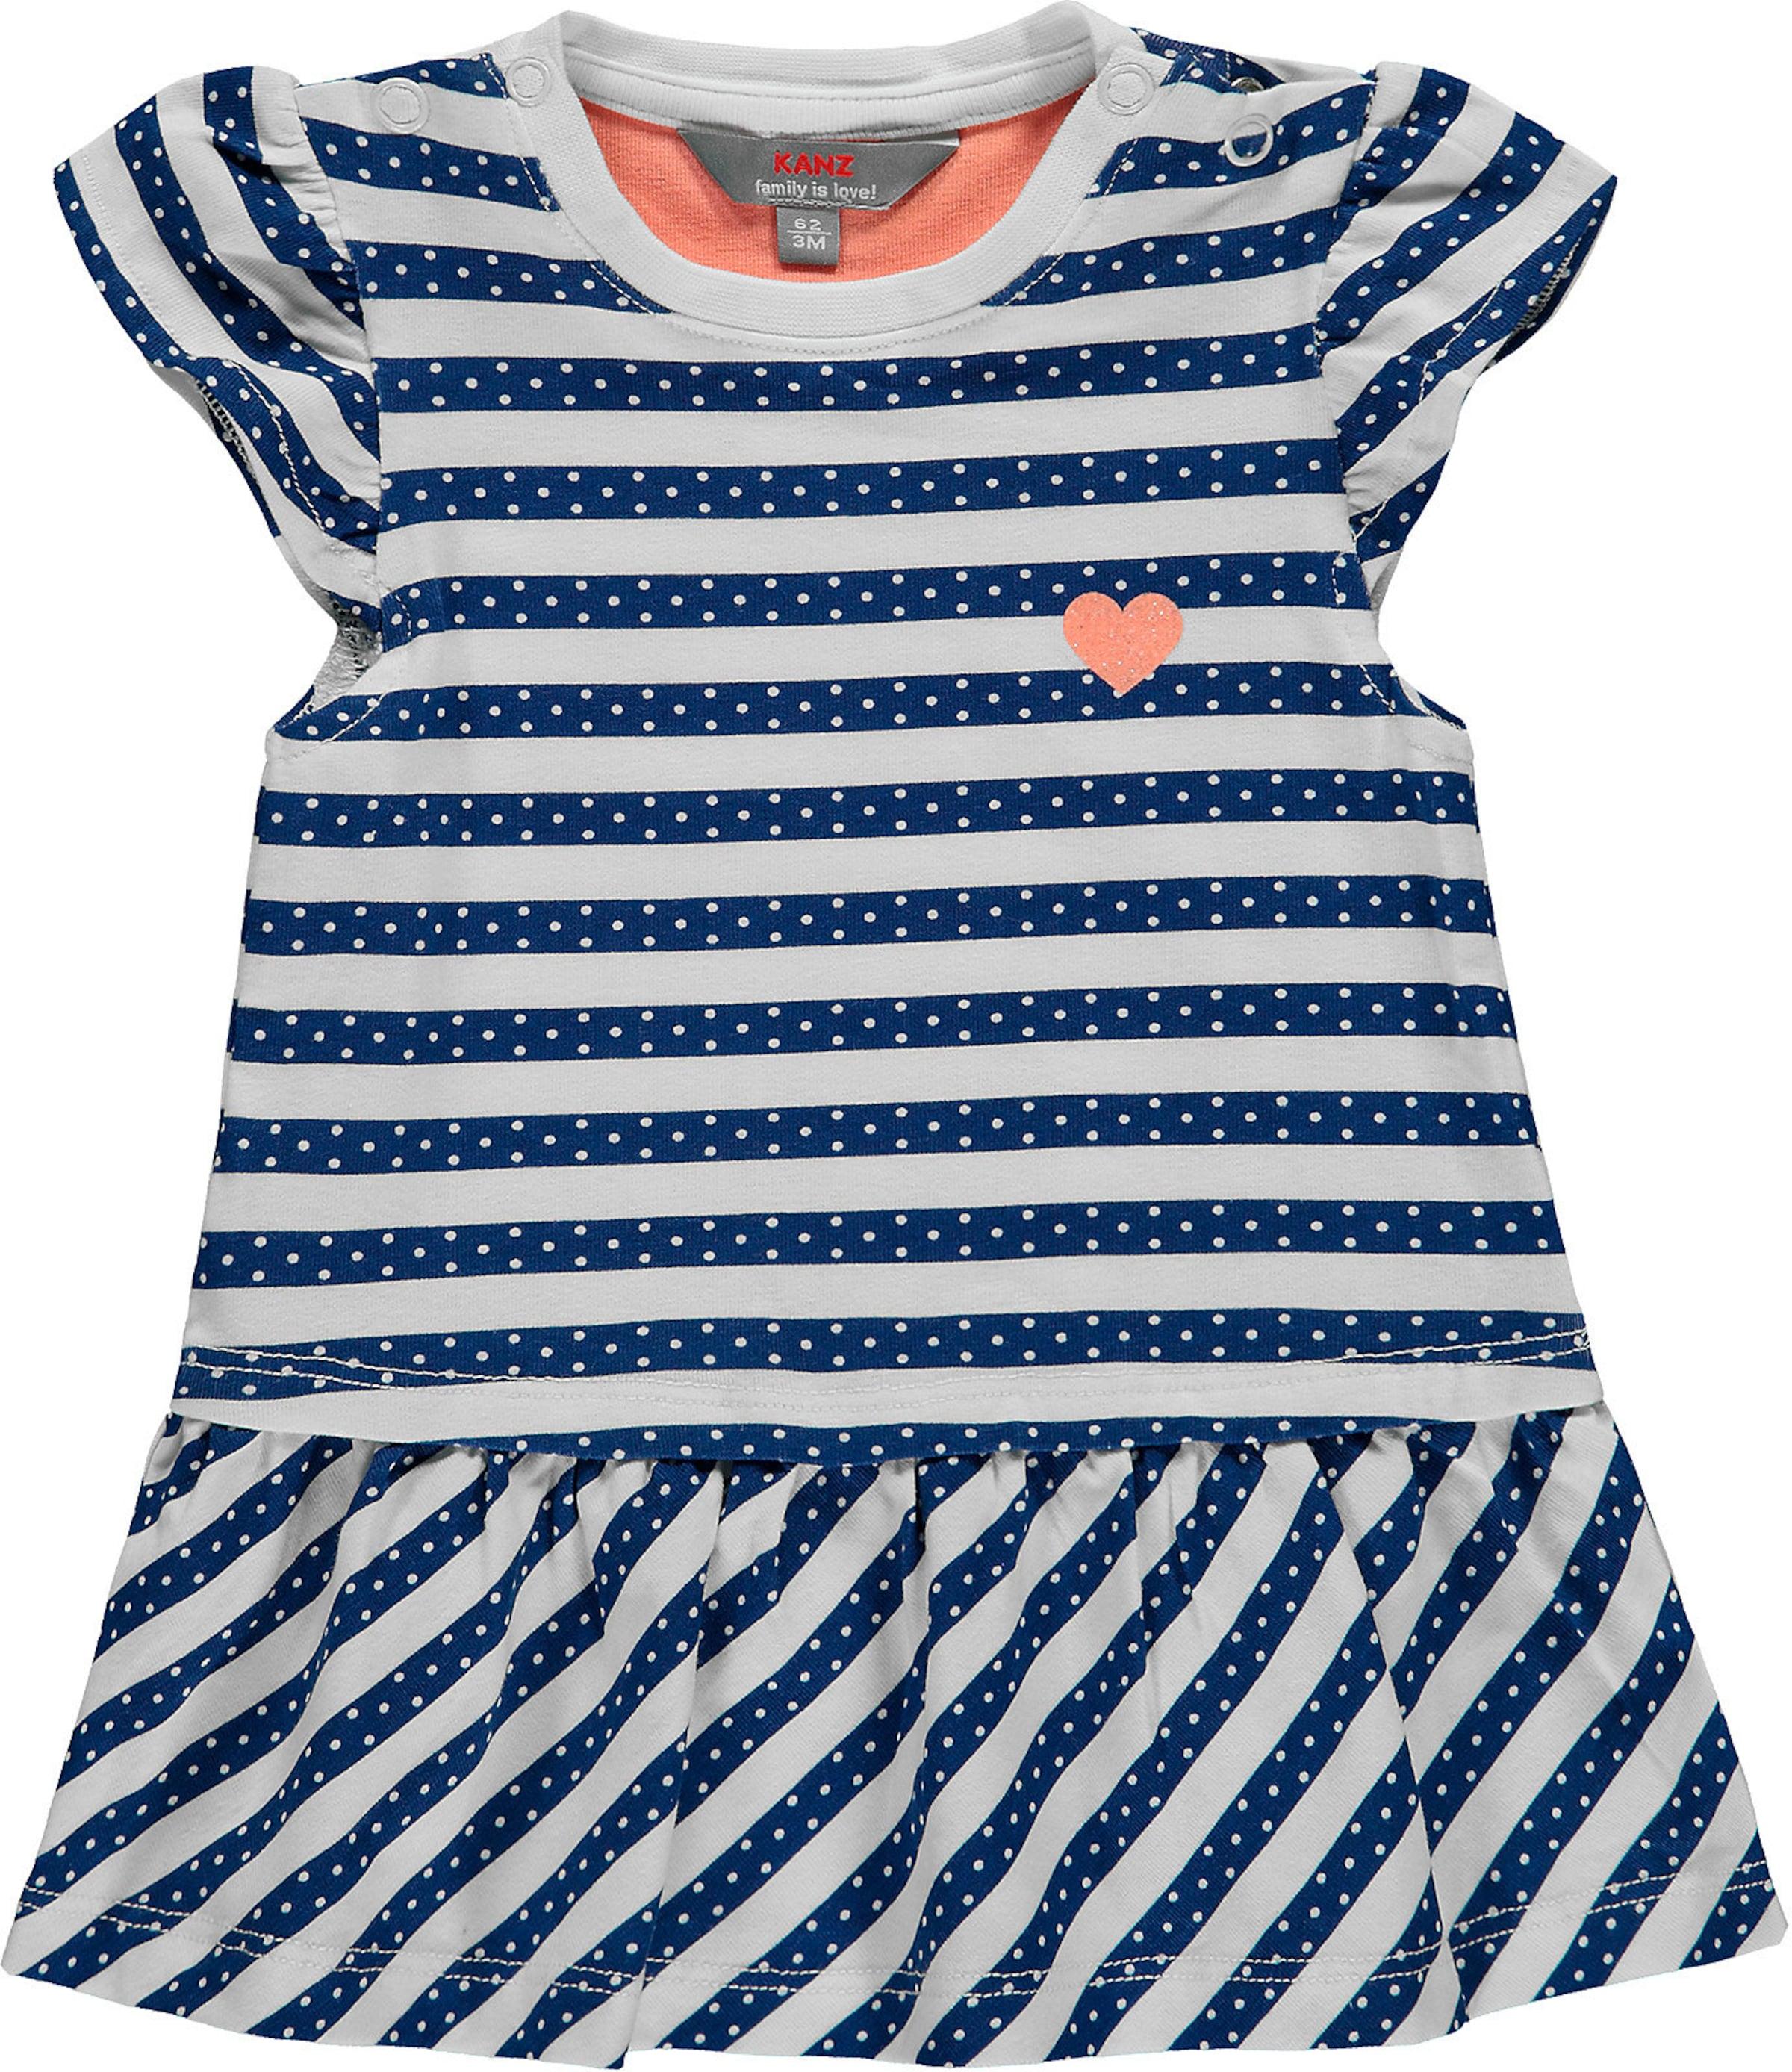 Kinder,  Mädchen,  Kinder KANZ Jerseykleid blau,  weiß | 04056178979910